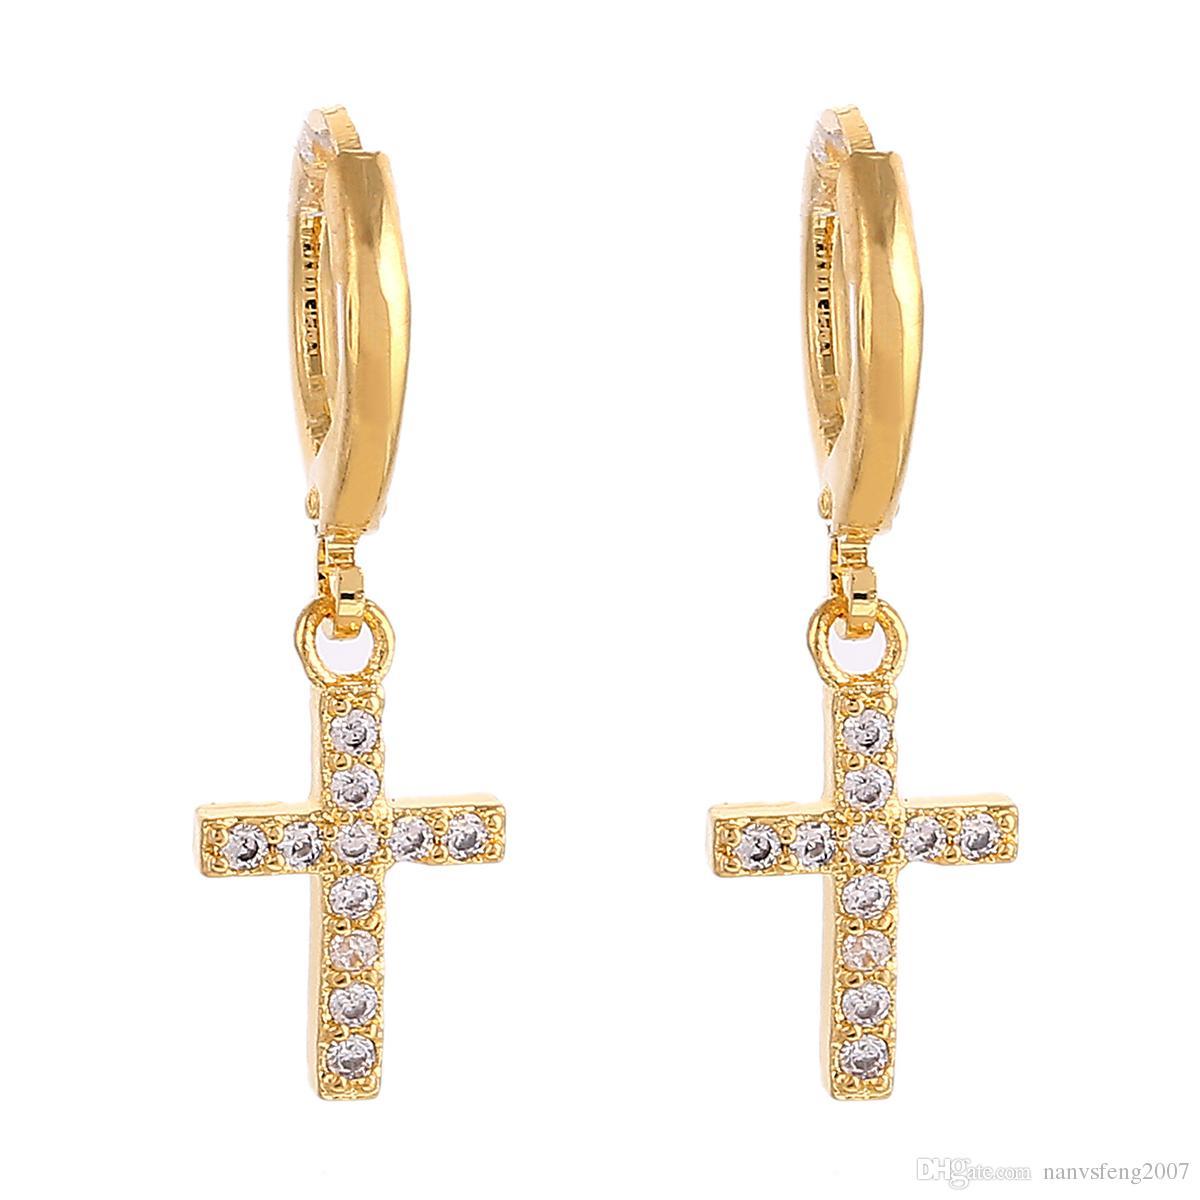 الصليب استرخى أقراط الدينية يسوع ستون أقراط مجوهرات الصليب المسيحية